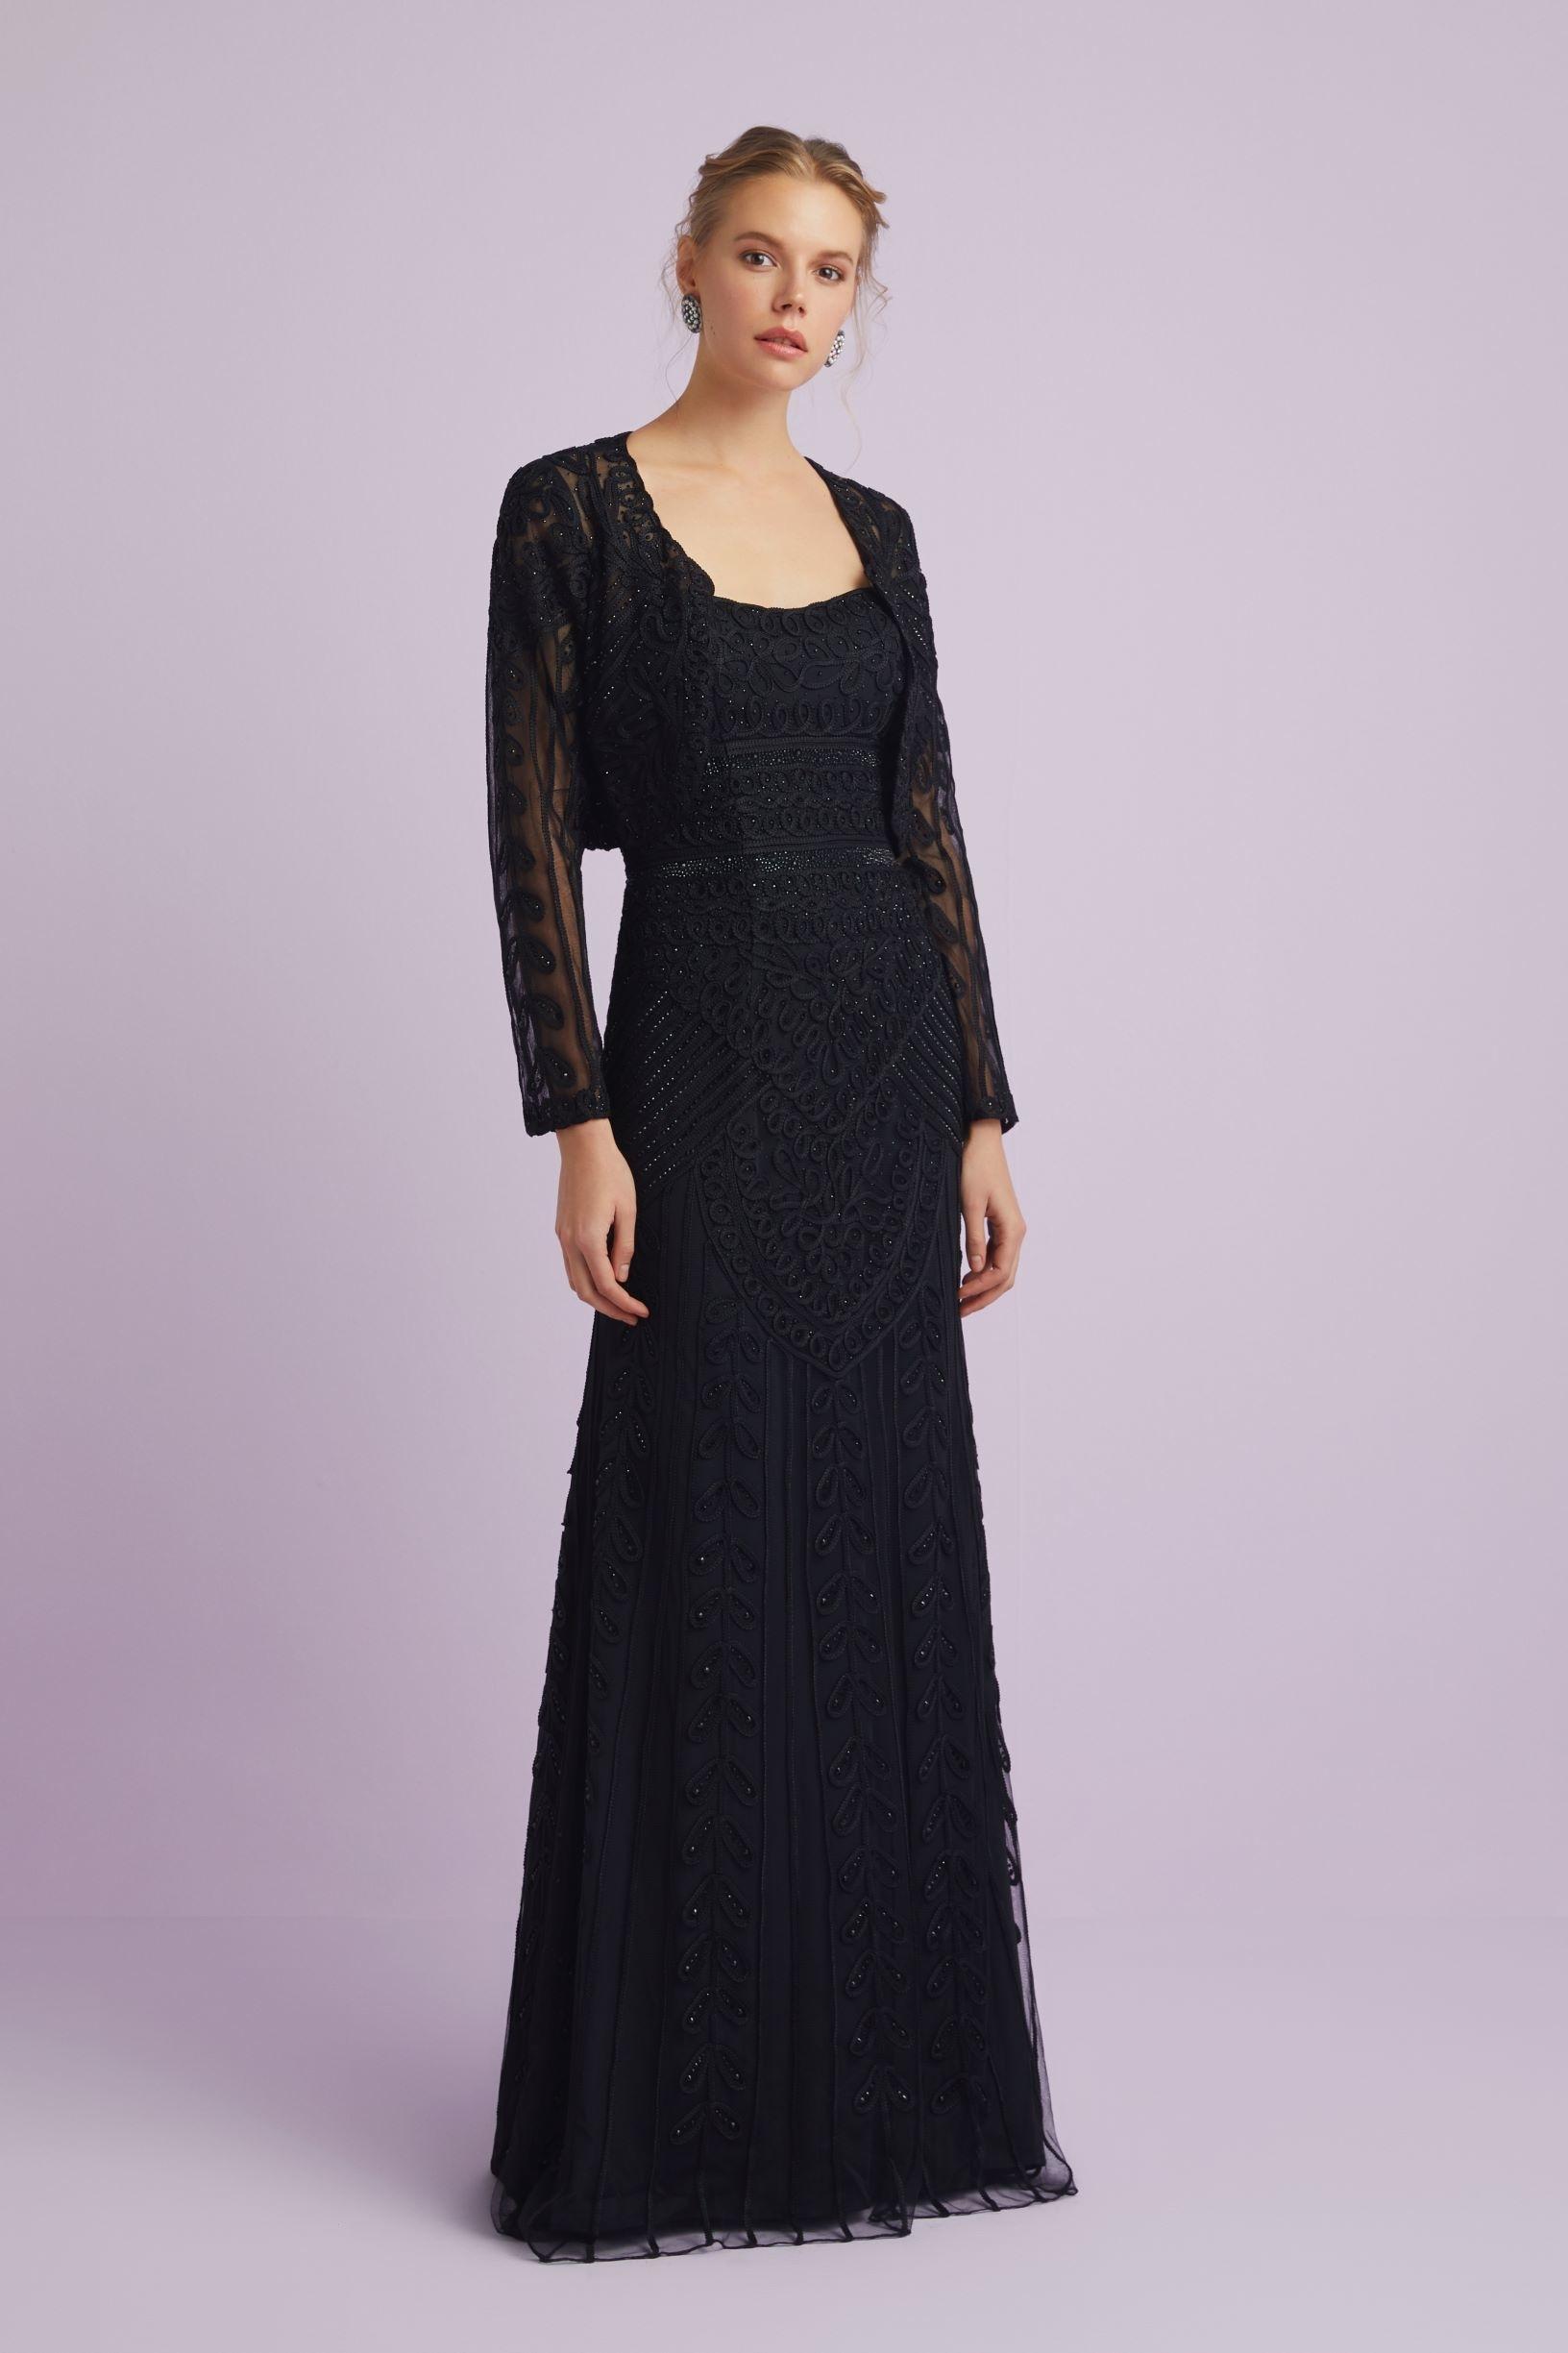 Dantel İşlemeli Straplez Siyah Abiye Elbise